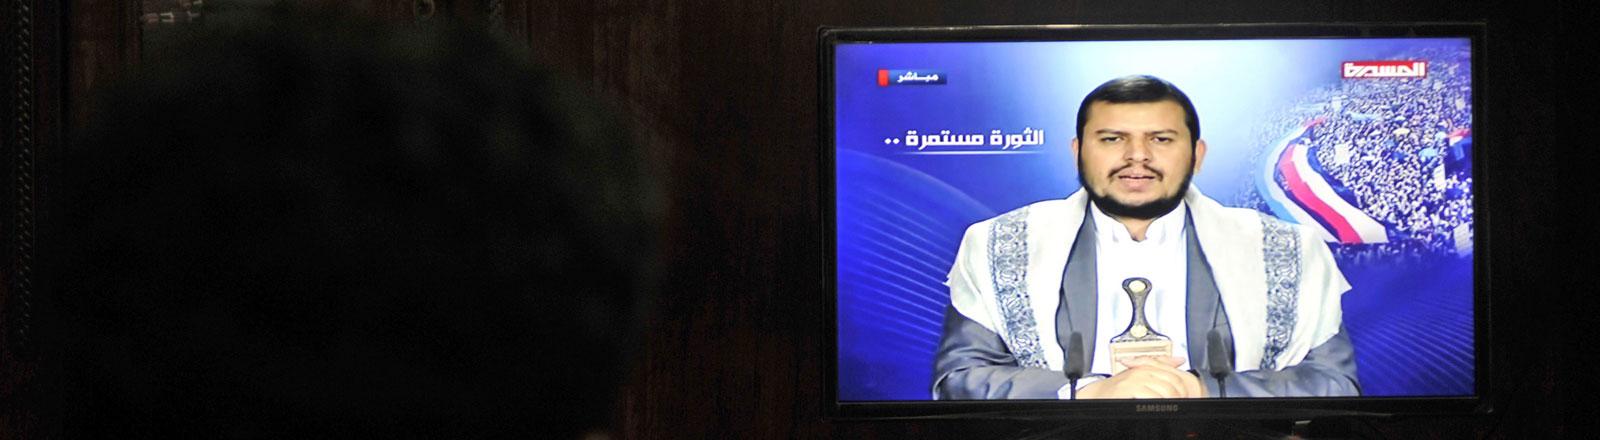 Der Kommandant der Huthi-Rebellen in Jemen, Abdel-Malik al-Huthi, in einer Fernsehansprache.